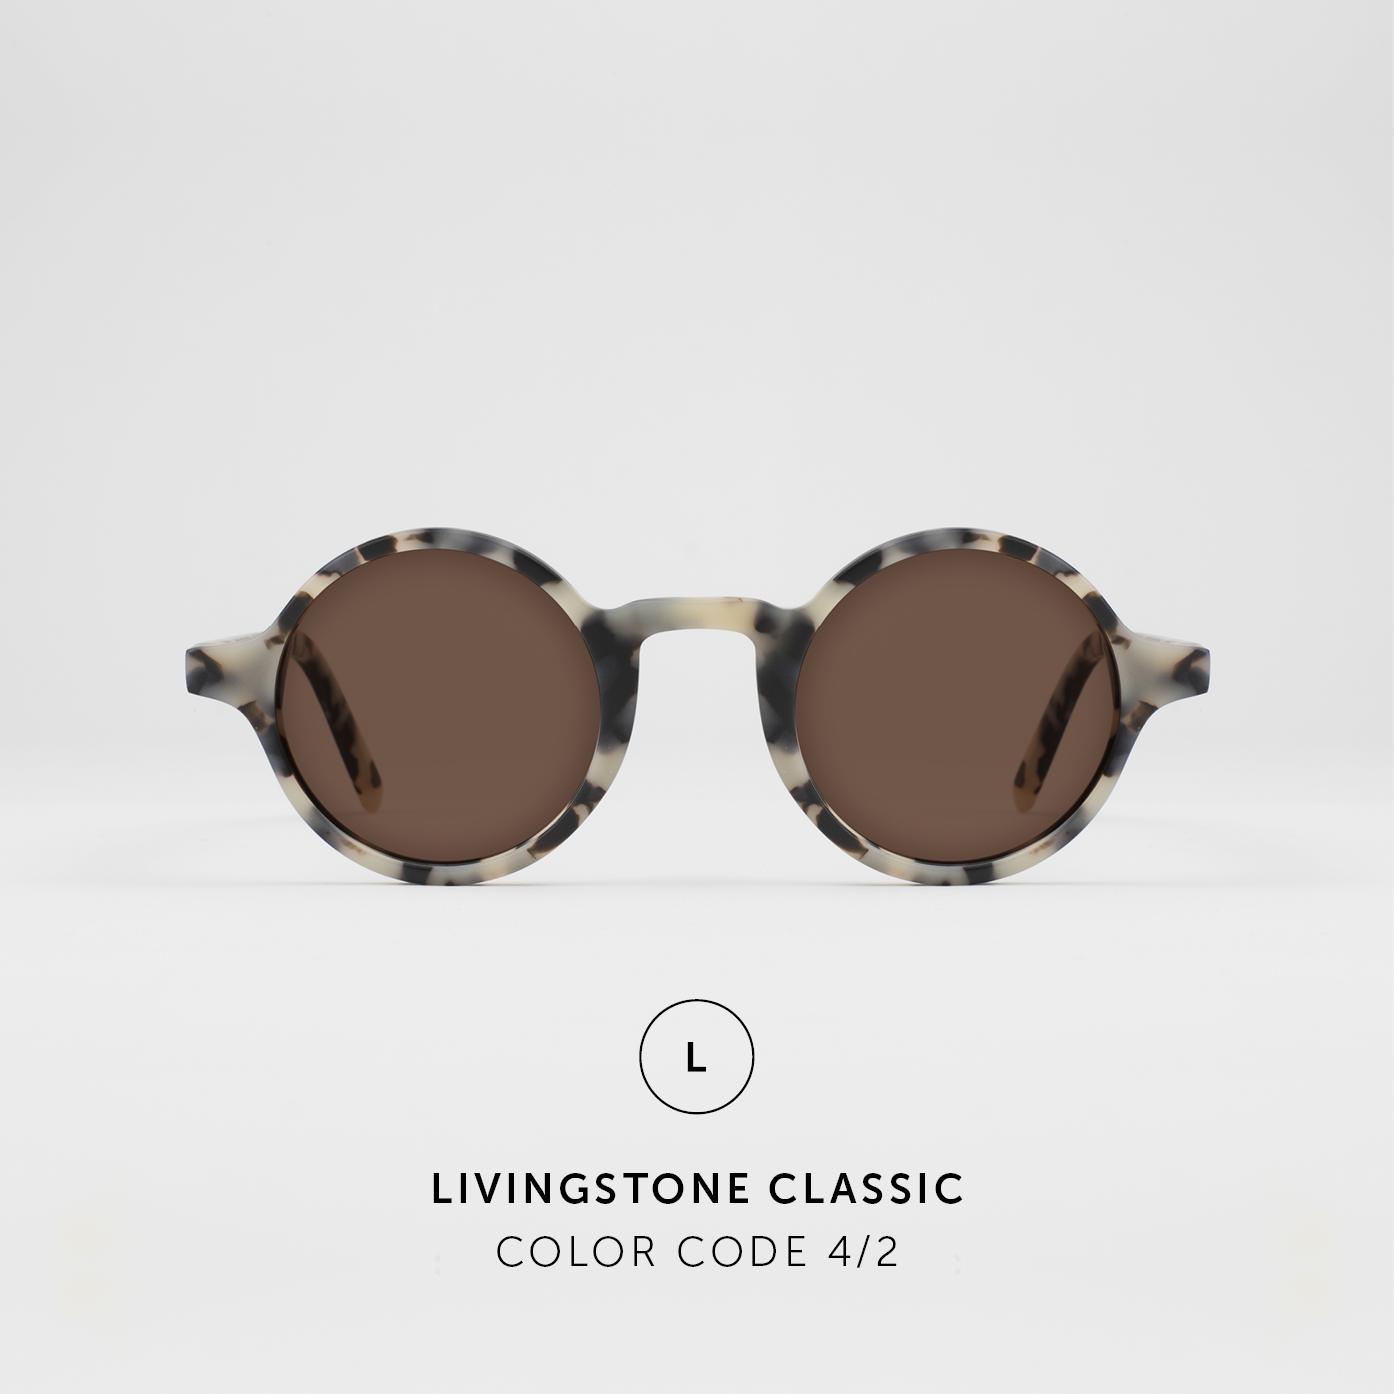 LivingstoneClassic26.jpg